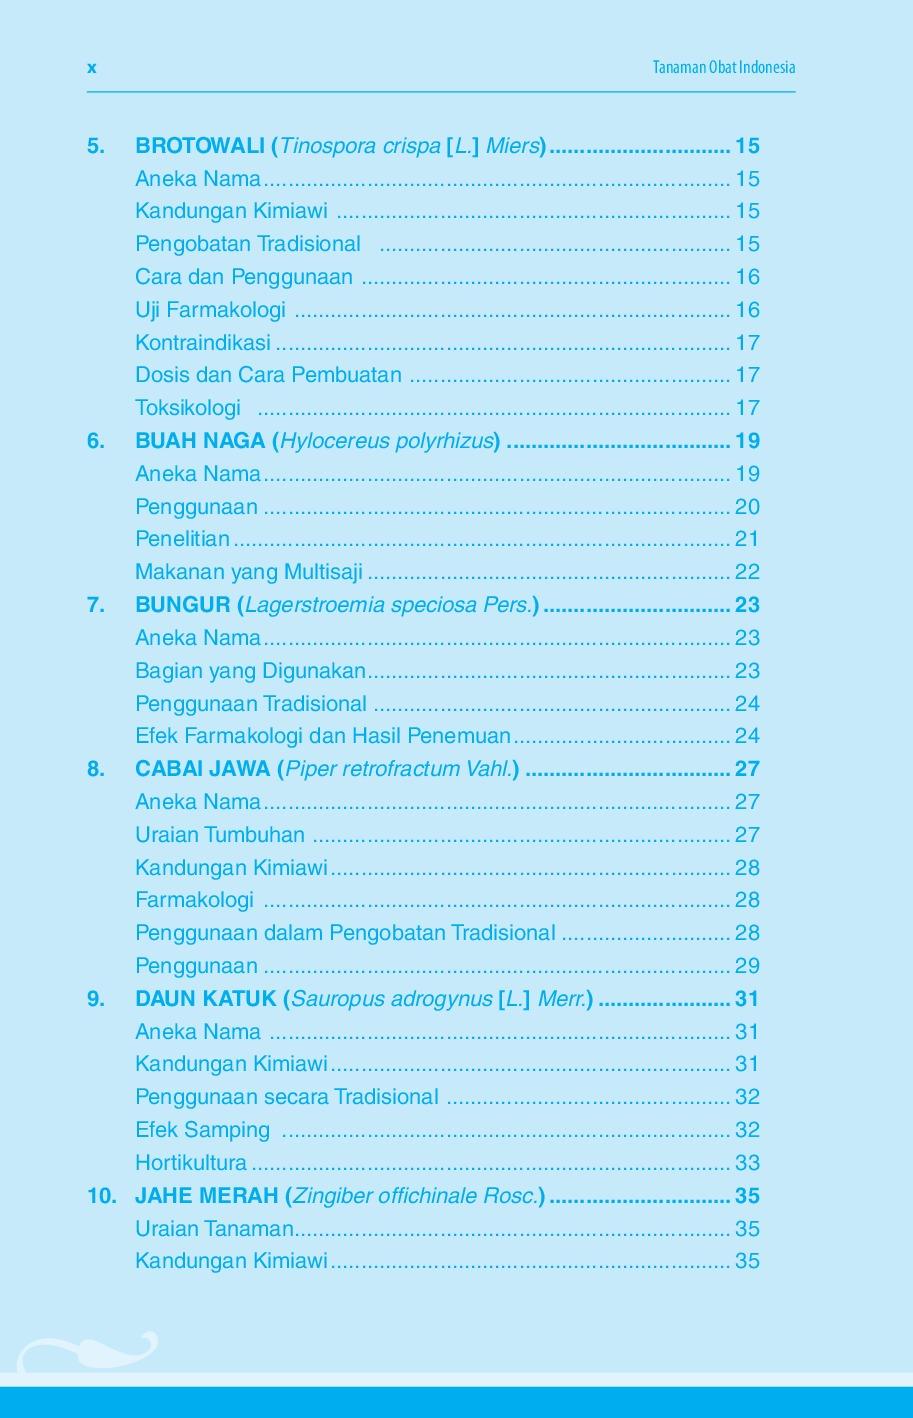 Tanaman obat ebook inventaris indonesia